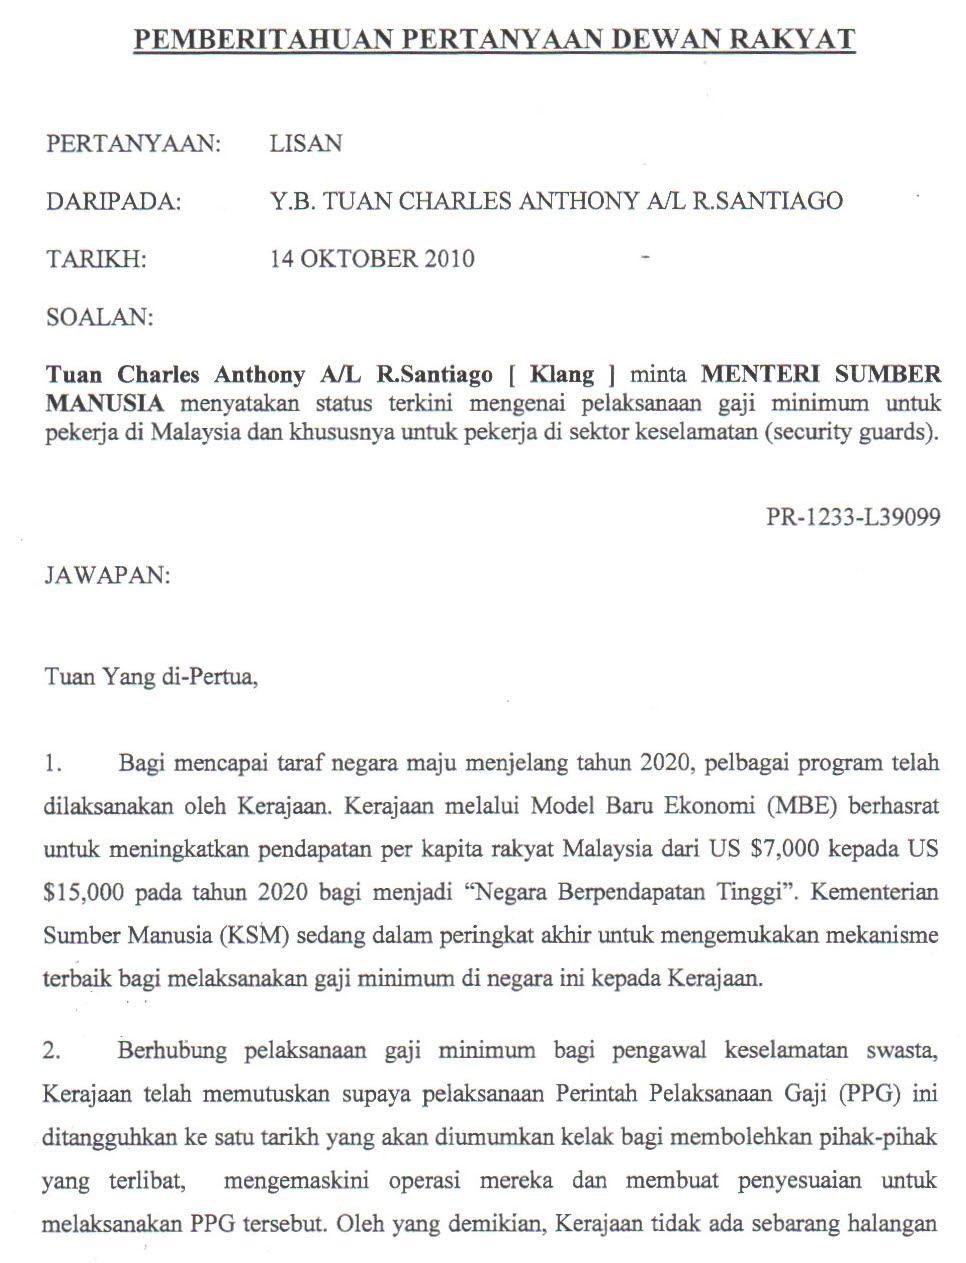 Jawapan Parlimen Status Terkini Mengenai Pelaksanaan Gaji Minimum Untuk Pekerja Di Malaysia Dan Khususnya Untuk Pekerja Di Sektor Keselamatan Security Guards Charles Santiago